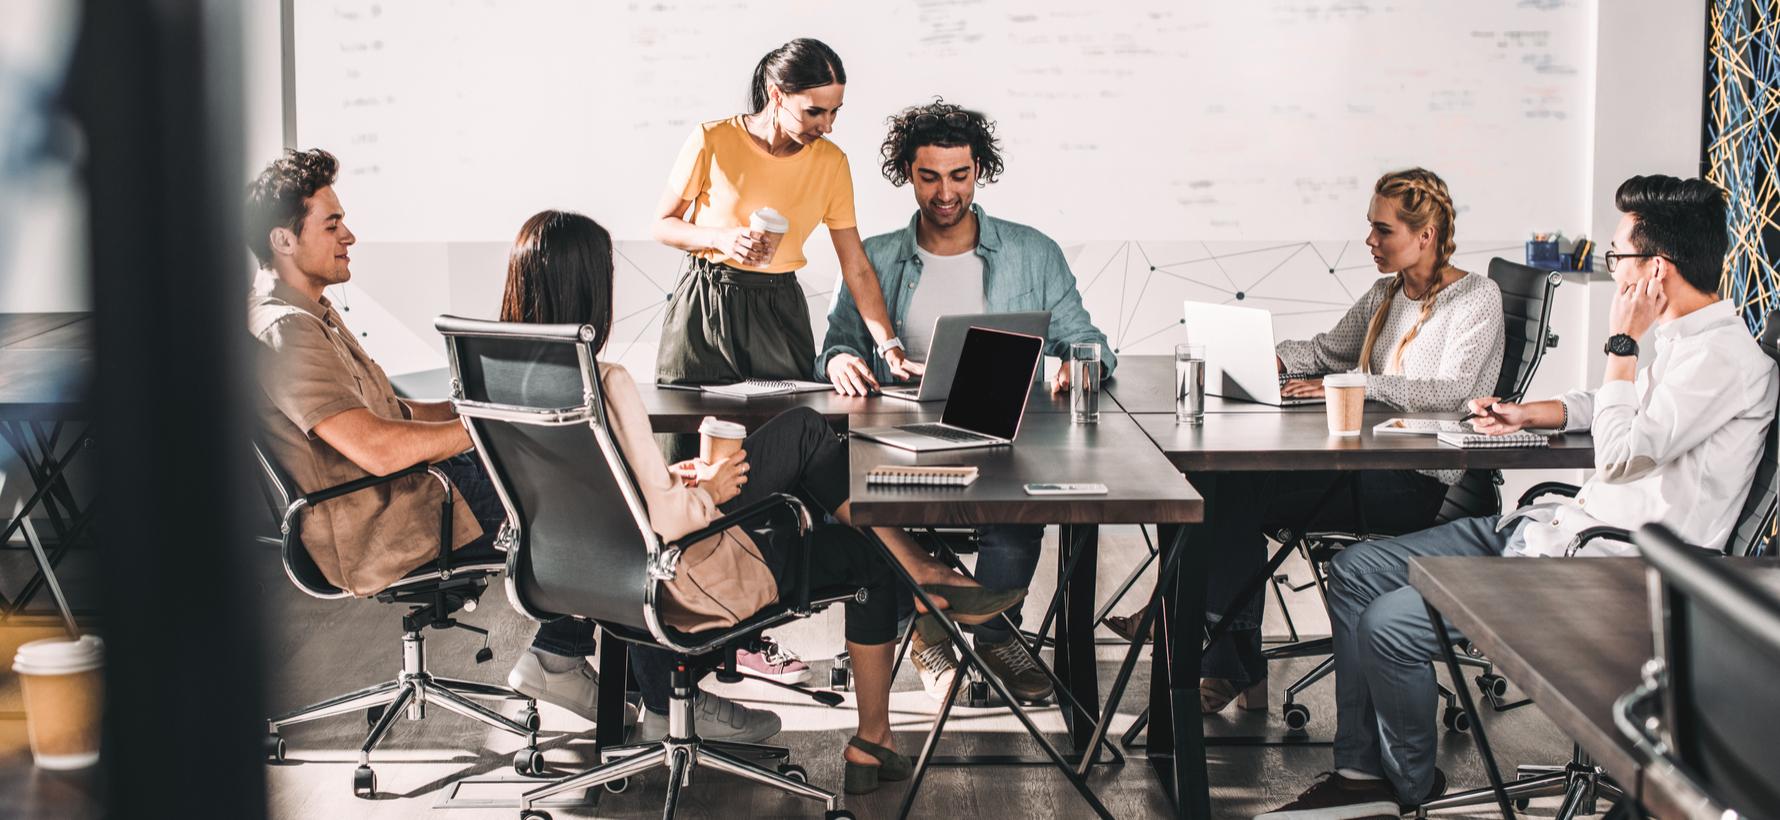 Desafío 2020: ¿Cuánto sabes sobre Desarrollo personal y conceptos de Empoderamiento?